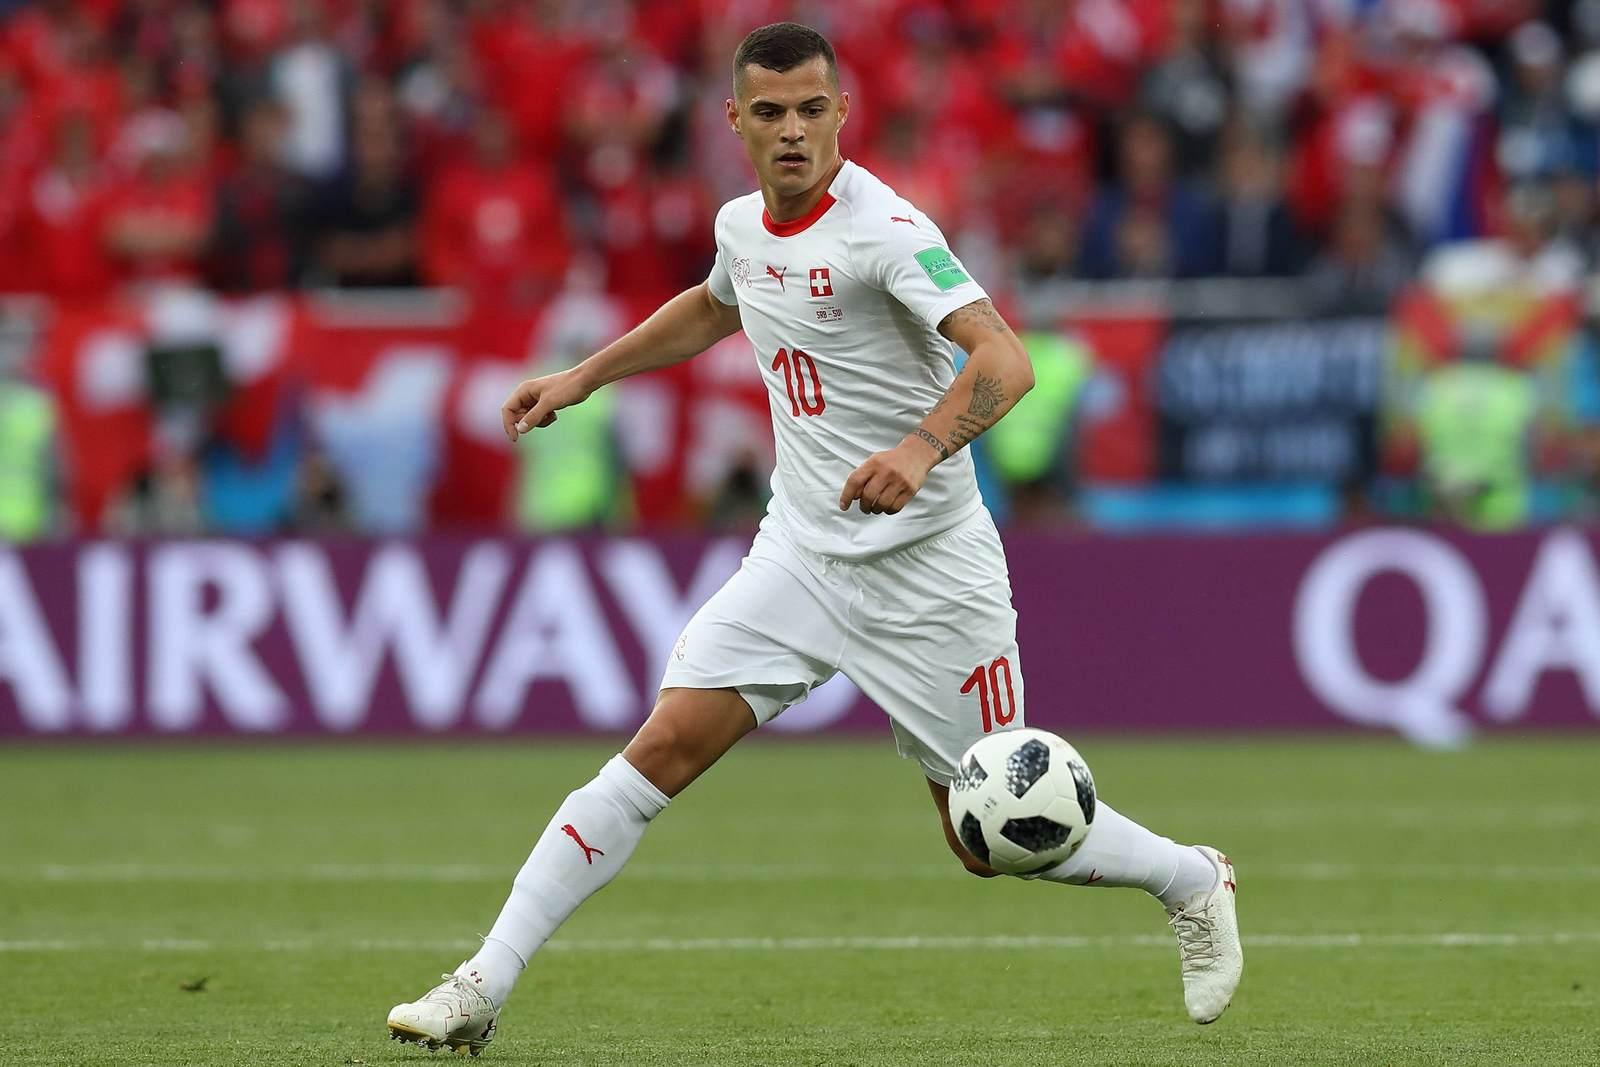 Granit Xhaka am Ball für die Schweiz. Jetzt auf die Partie Schweiz gegen Costa Rica wetten